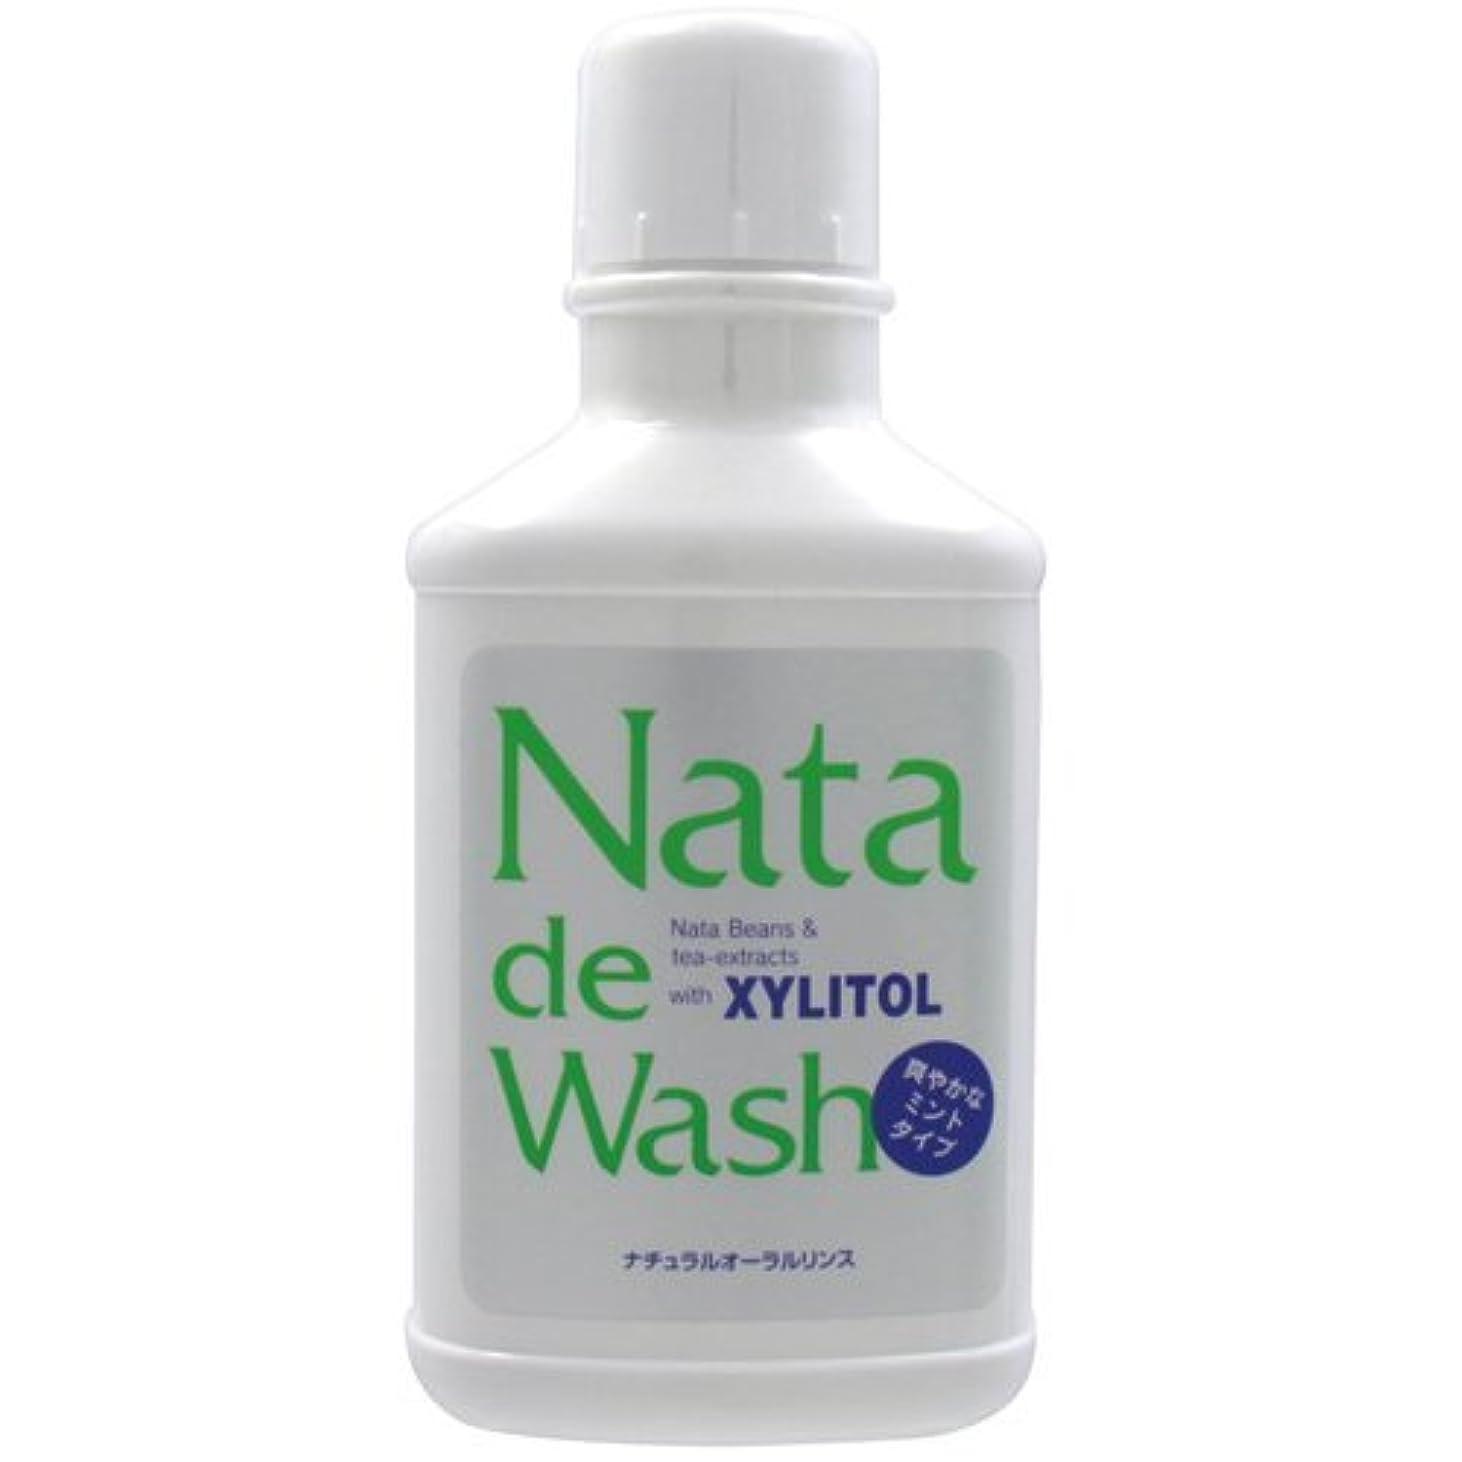 ほこりっぽい変数放射するナタデウォッシュ 500ml 口臭予防 歯磨きの後にお勧め ナタデ ウォッシュ